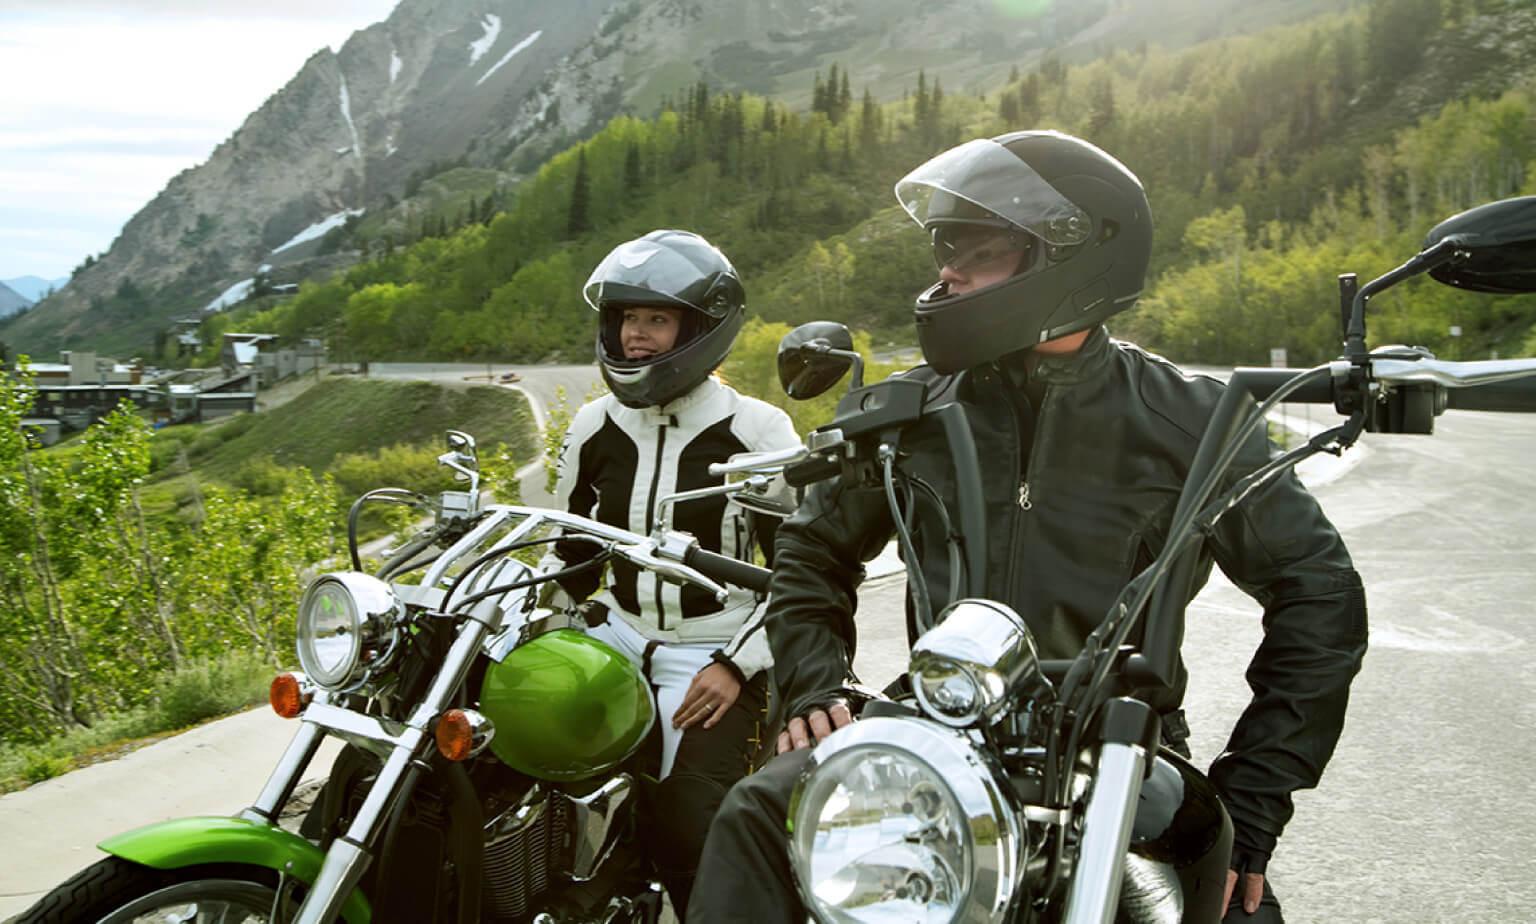 Vestimenta y protección para moto